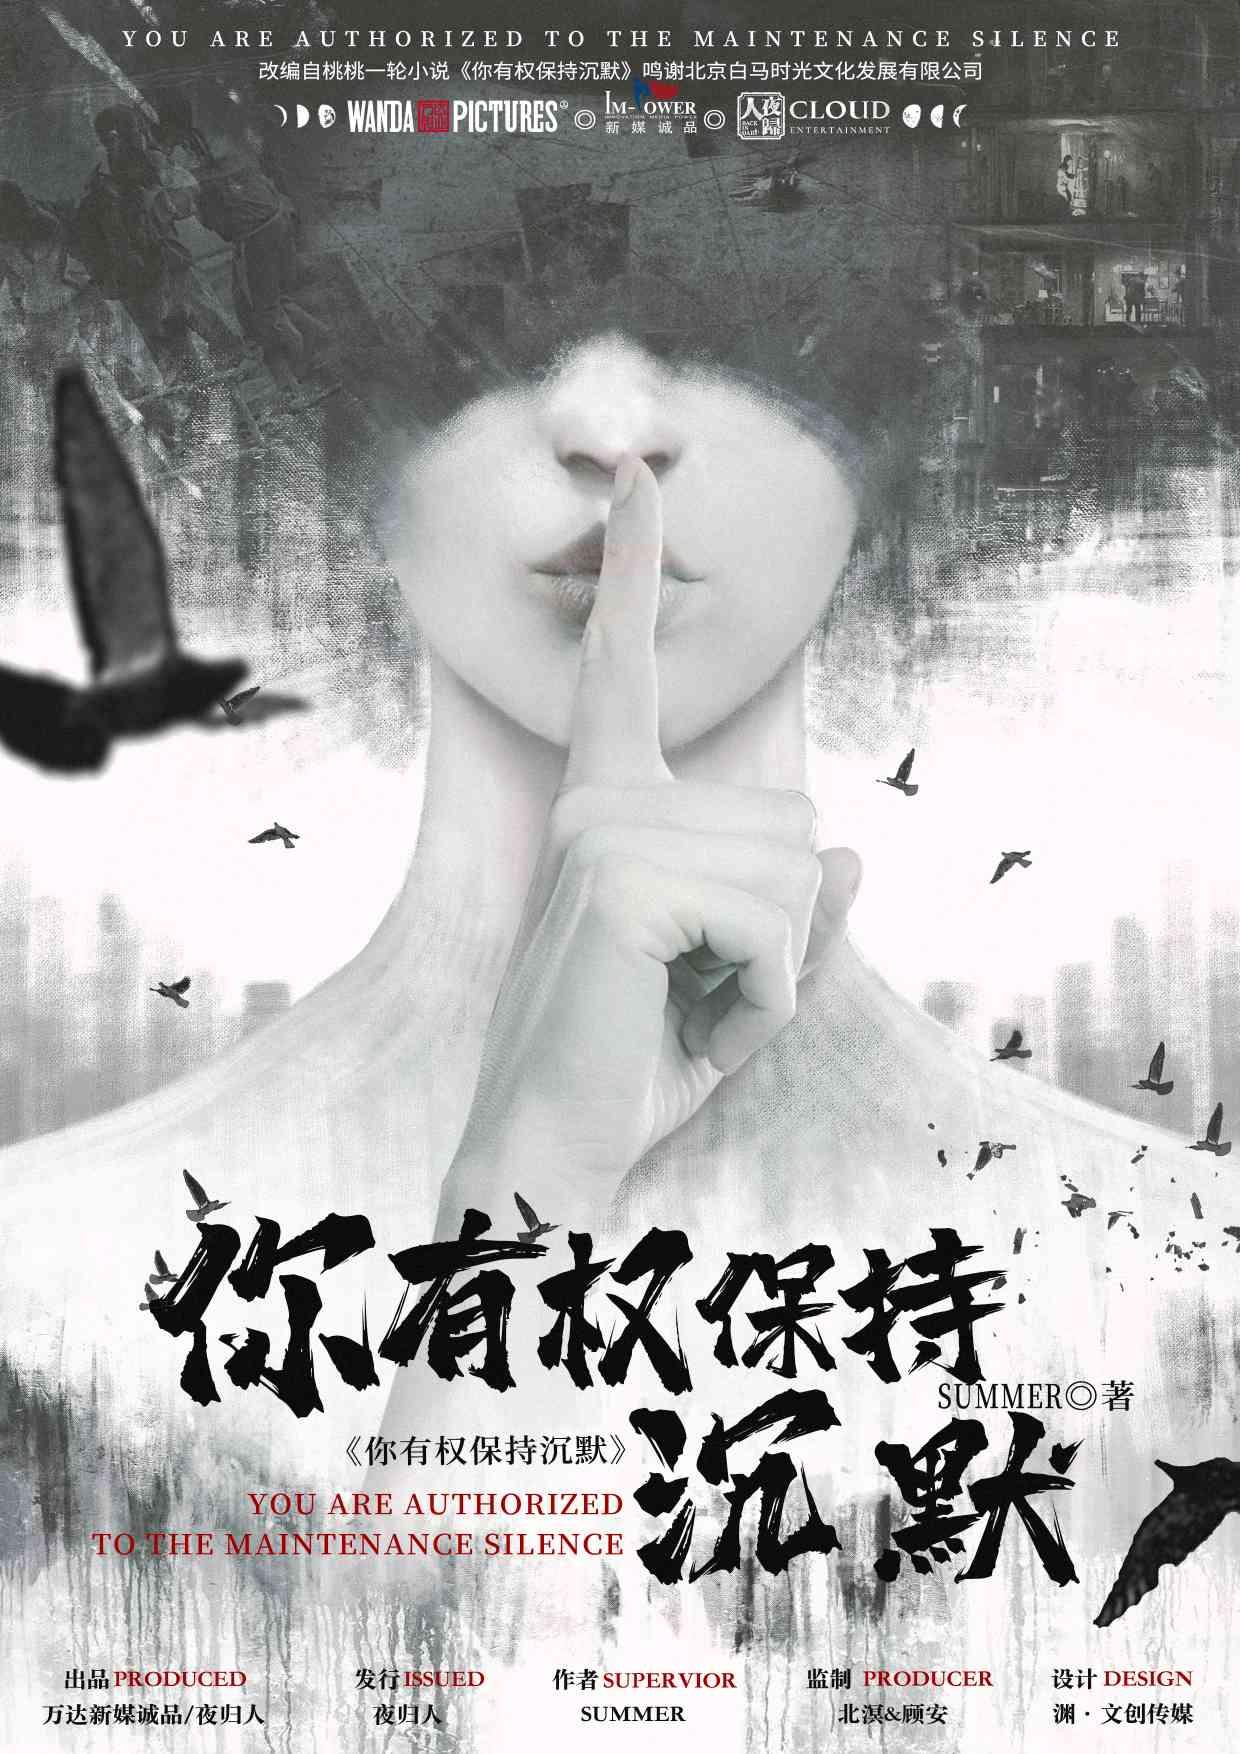 『你有权保持沉默』剧本杀复盘/答案揭秘/案件解析/故事结局真相